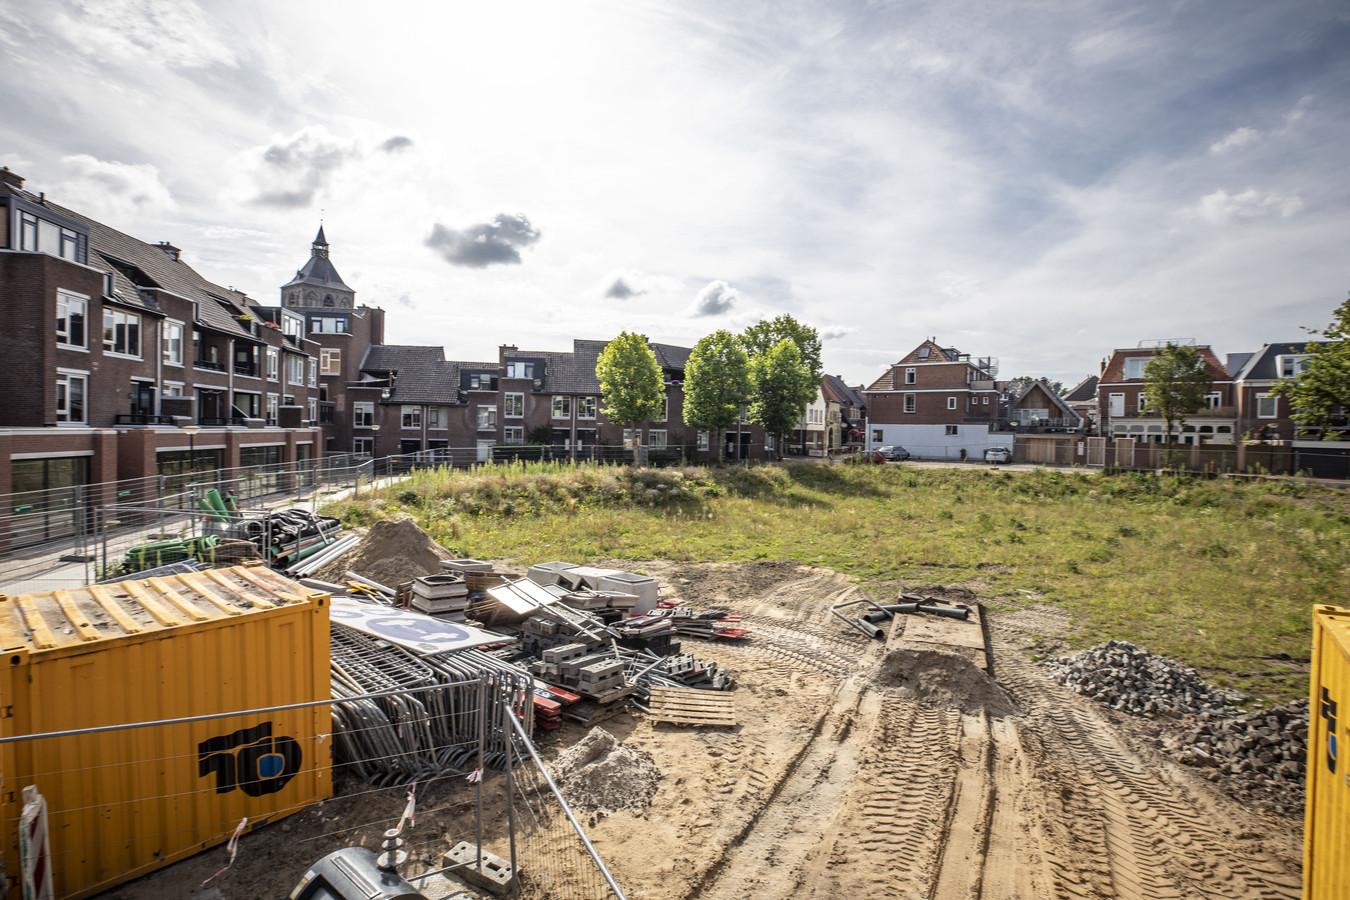 Met steun van de Herstructurerings Maatschappij Overijssel hoopt de gemeente dit najaar een plan te kunnen presenteren dat voorziet in de herontwikkeling van het gebied postkantoor en Langestraat en omgeving.